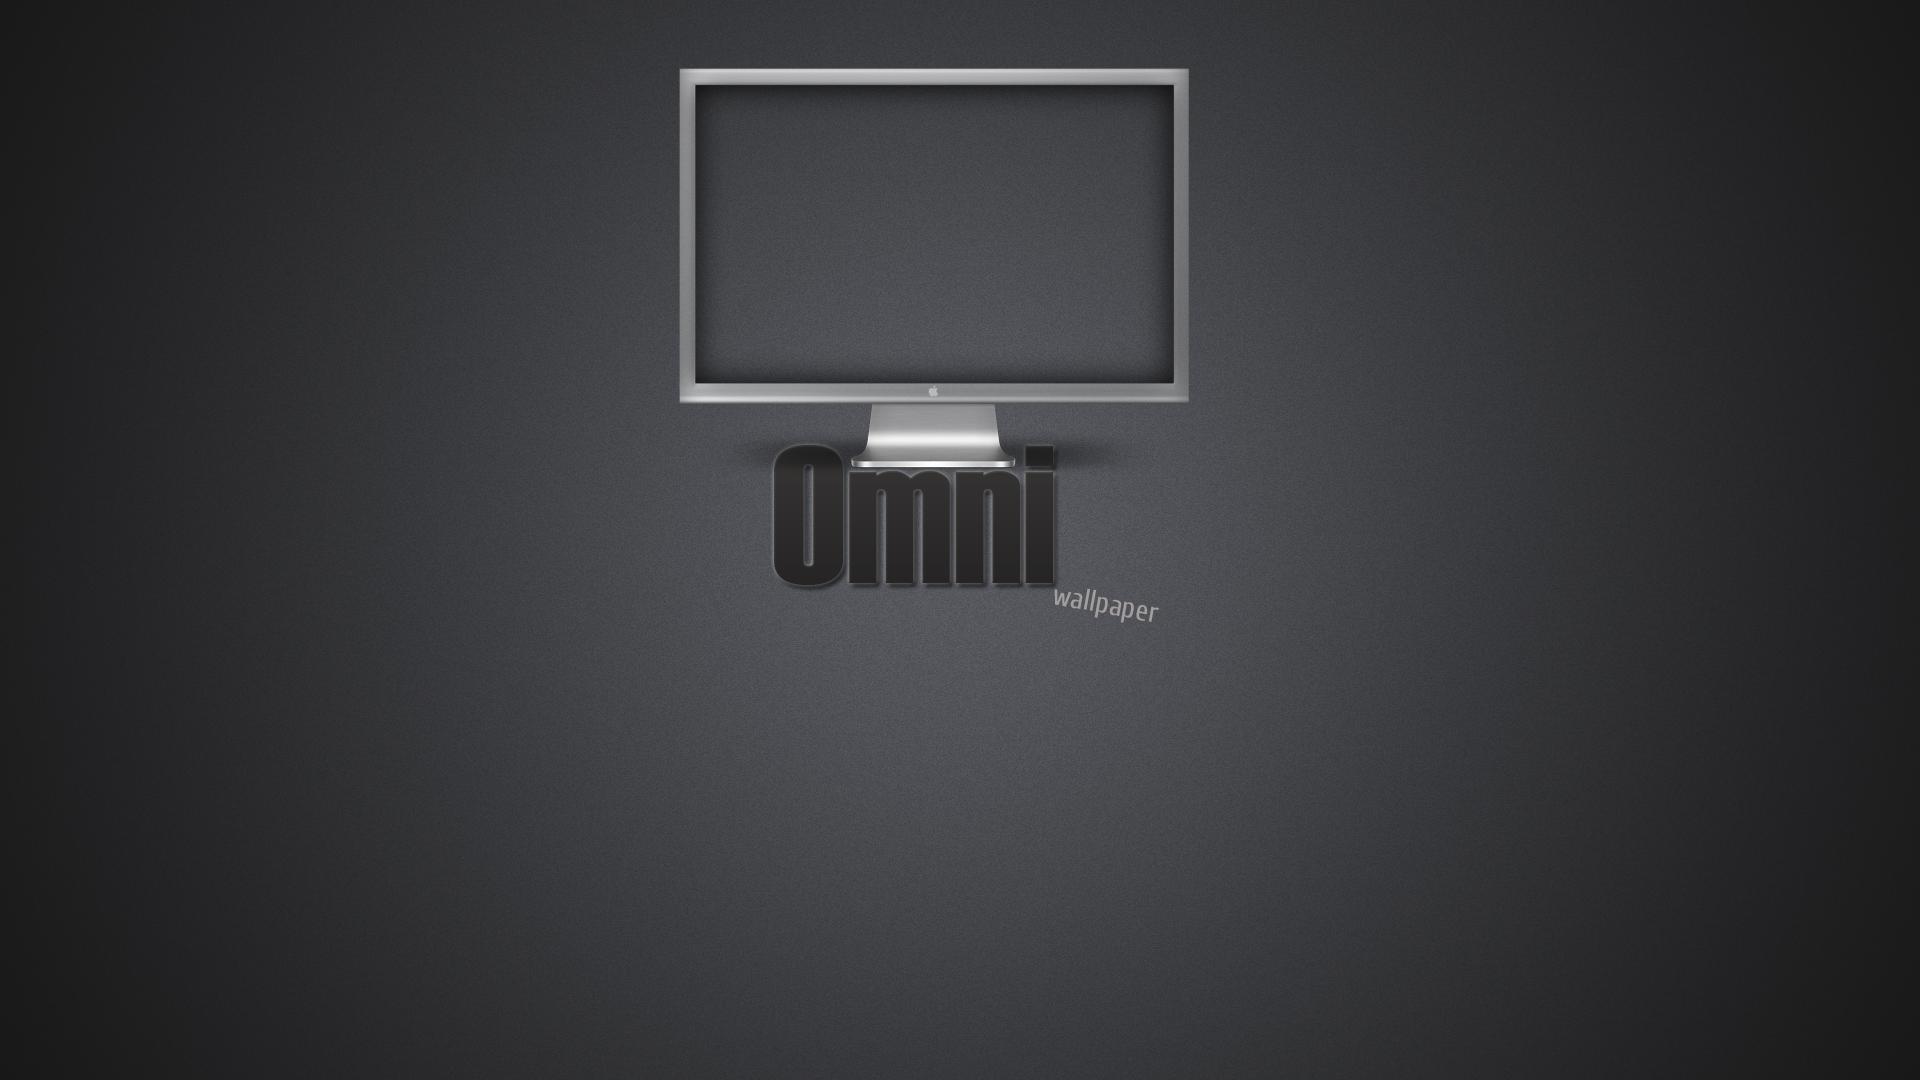 Omni by fancq